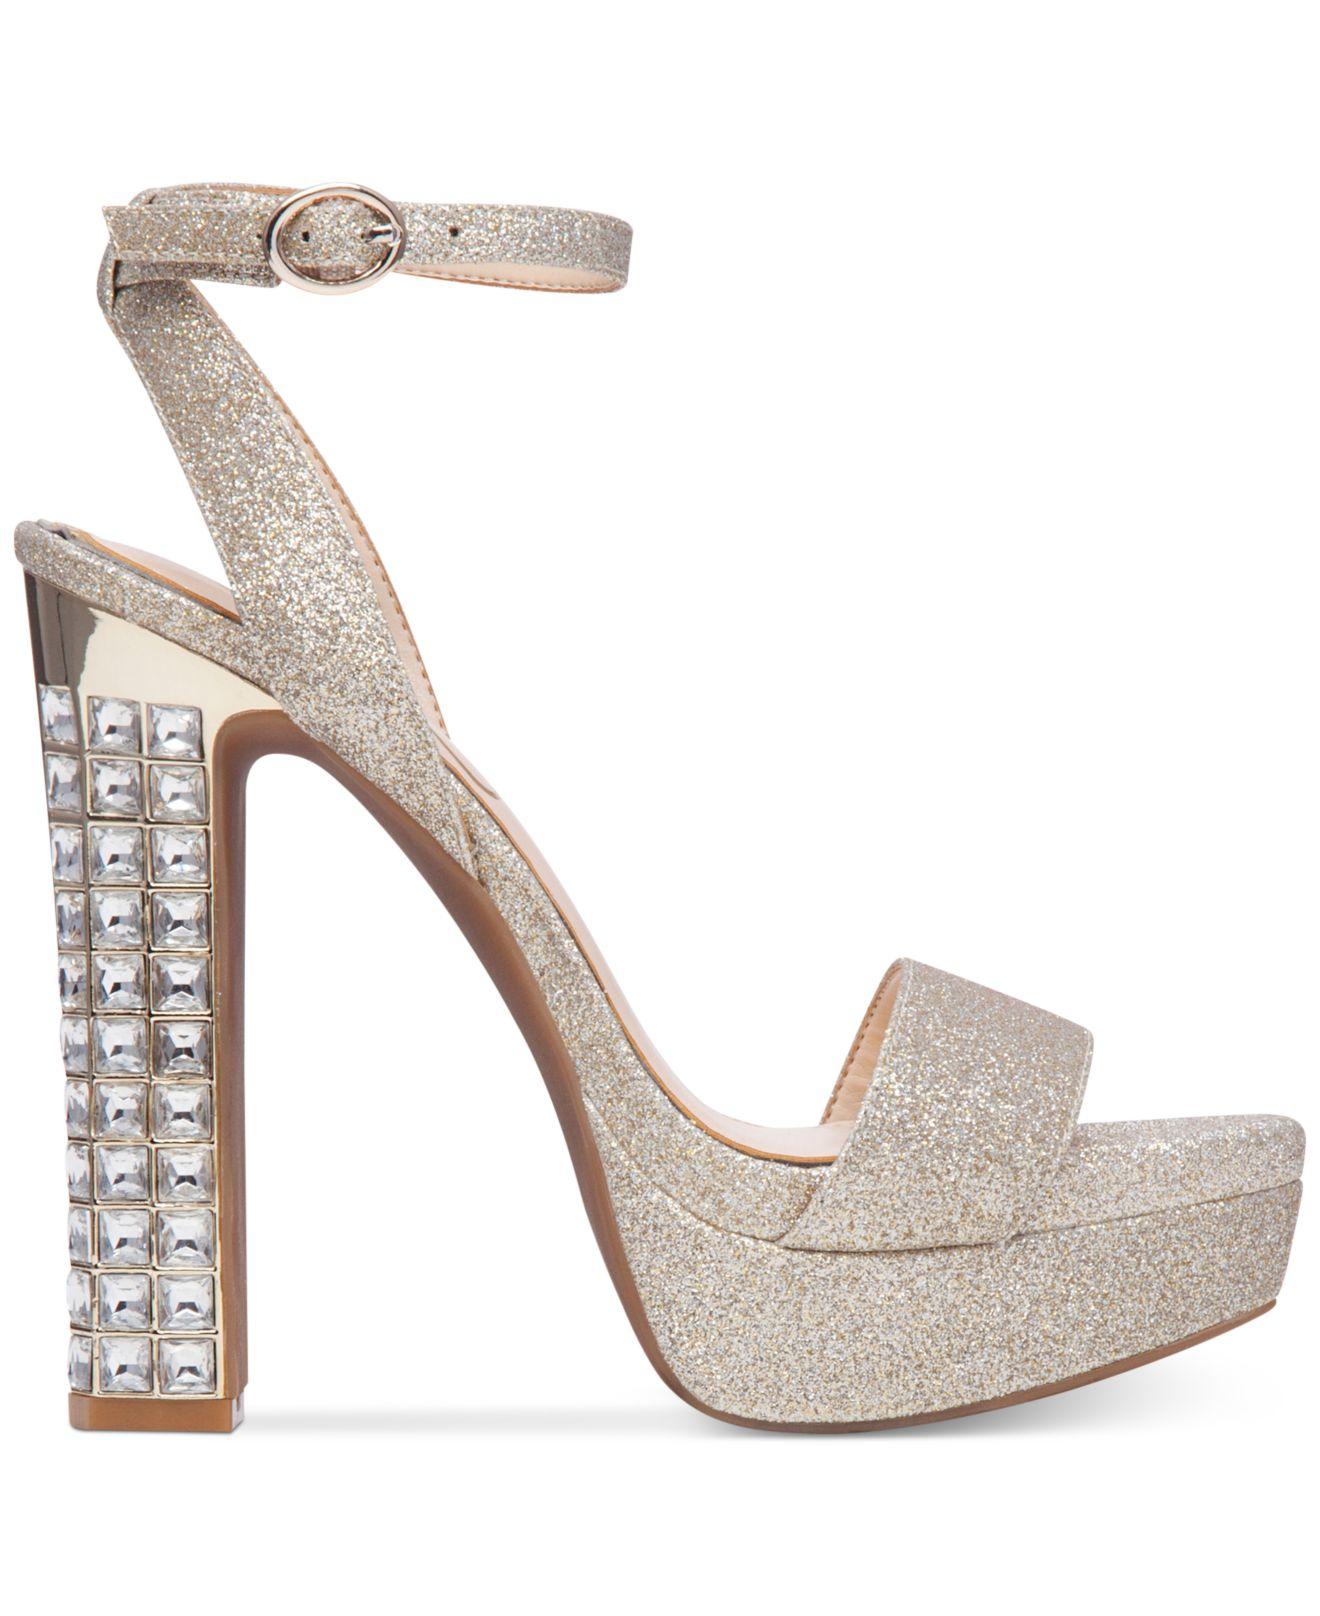 6c1ee622570de7 Lyst - Jessica Simpson Banda Embellished Platform Dress Sandals in ...